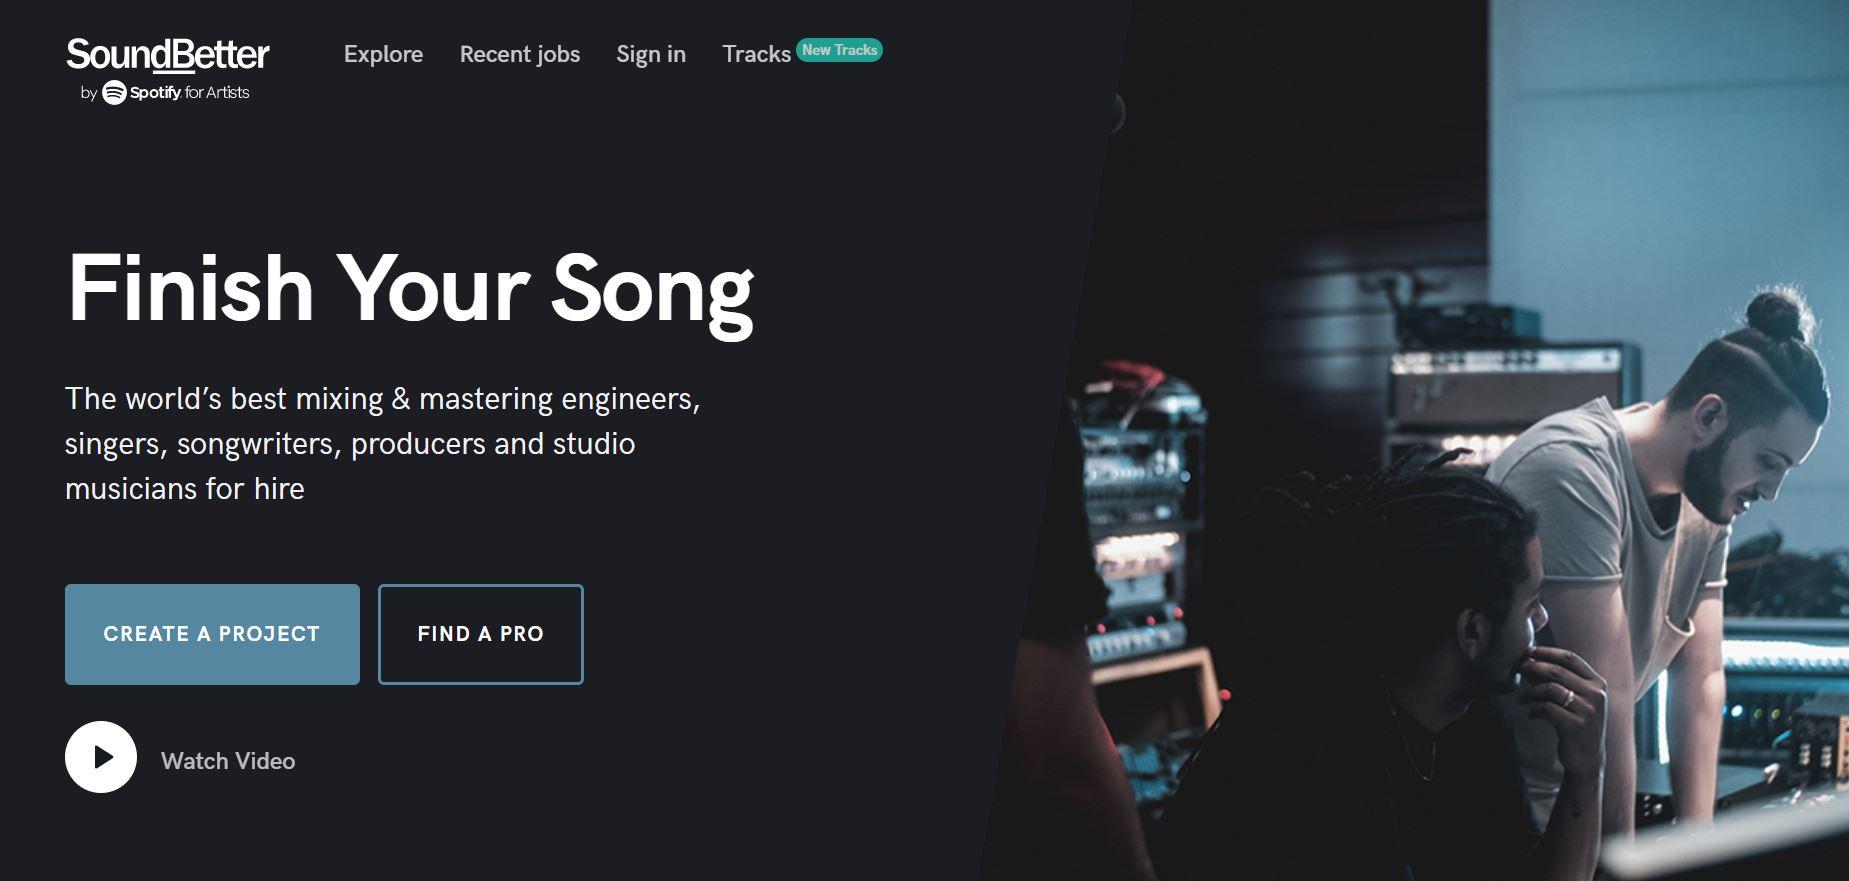 SoundBetter website screenshot